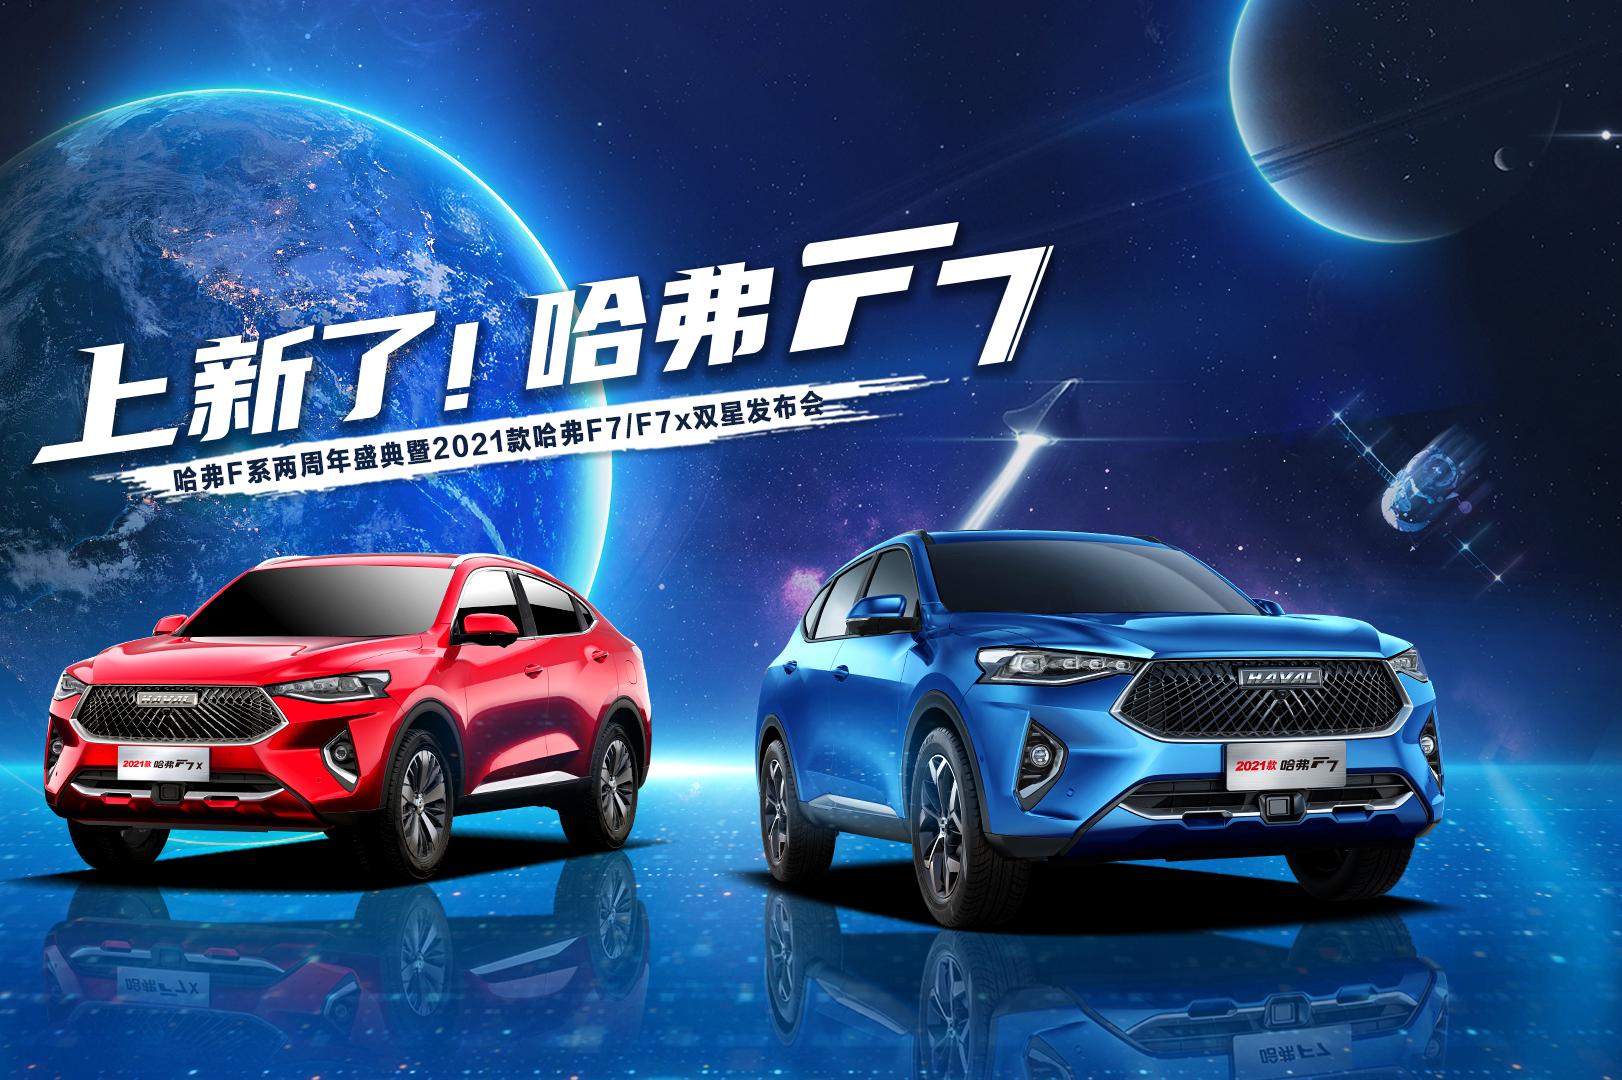 王勉、華少和筷子兄弟齊助陣 Z世代新寵2021款哈弗F7/F7x上市在即